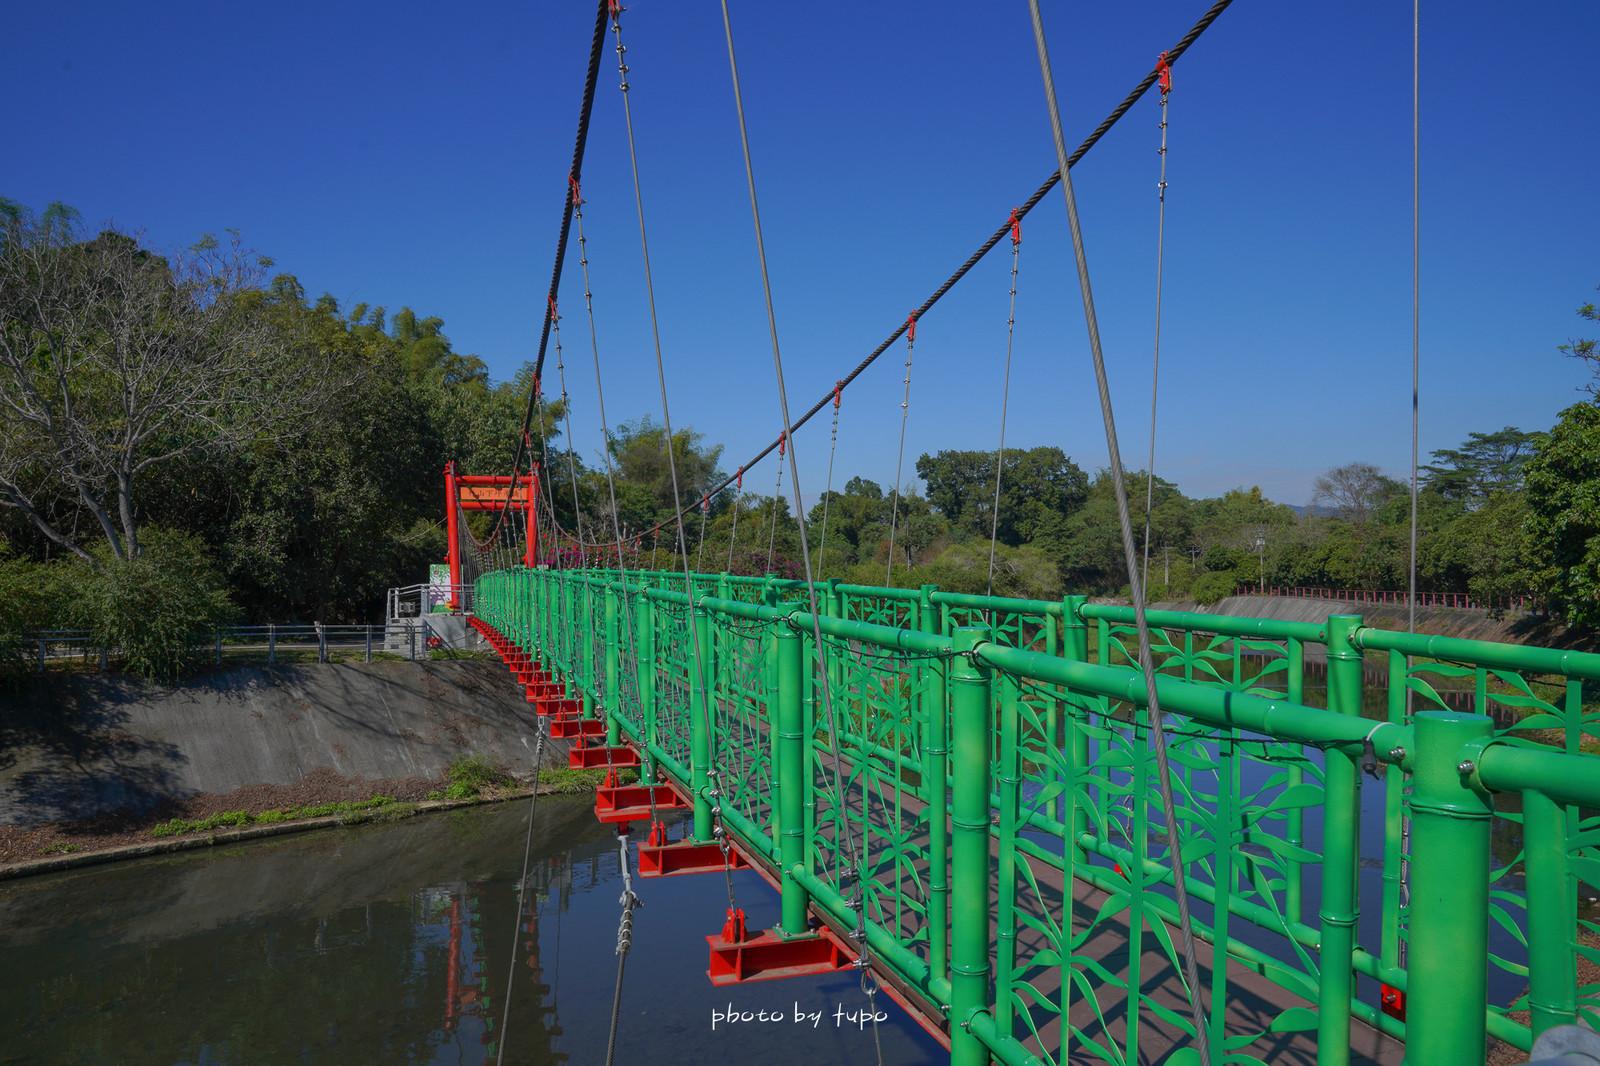 南投竹山景點》竹山下坪吊橋,可愛彩繪吊橋,超適合情侶來拍照留念,搭配花海盛開浪漫指數破表